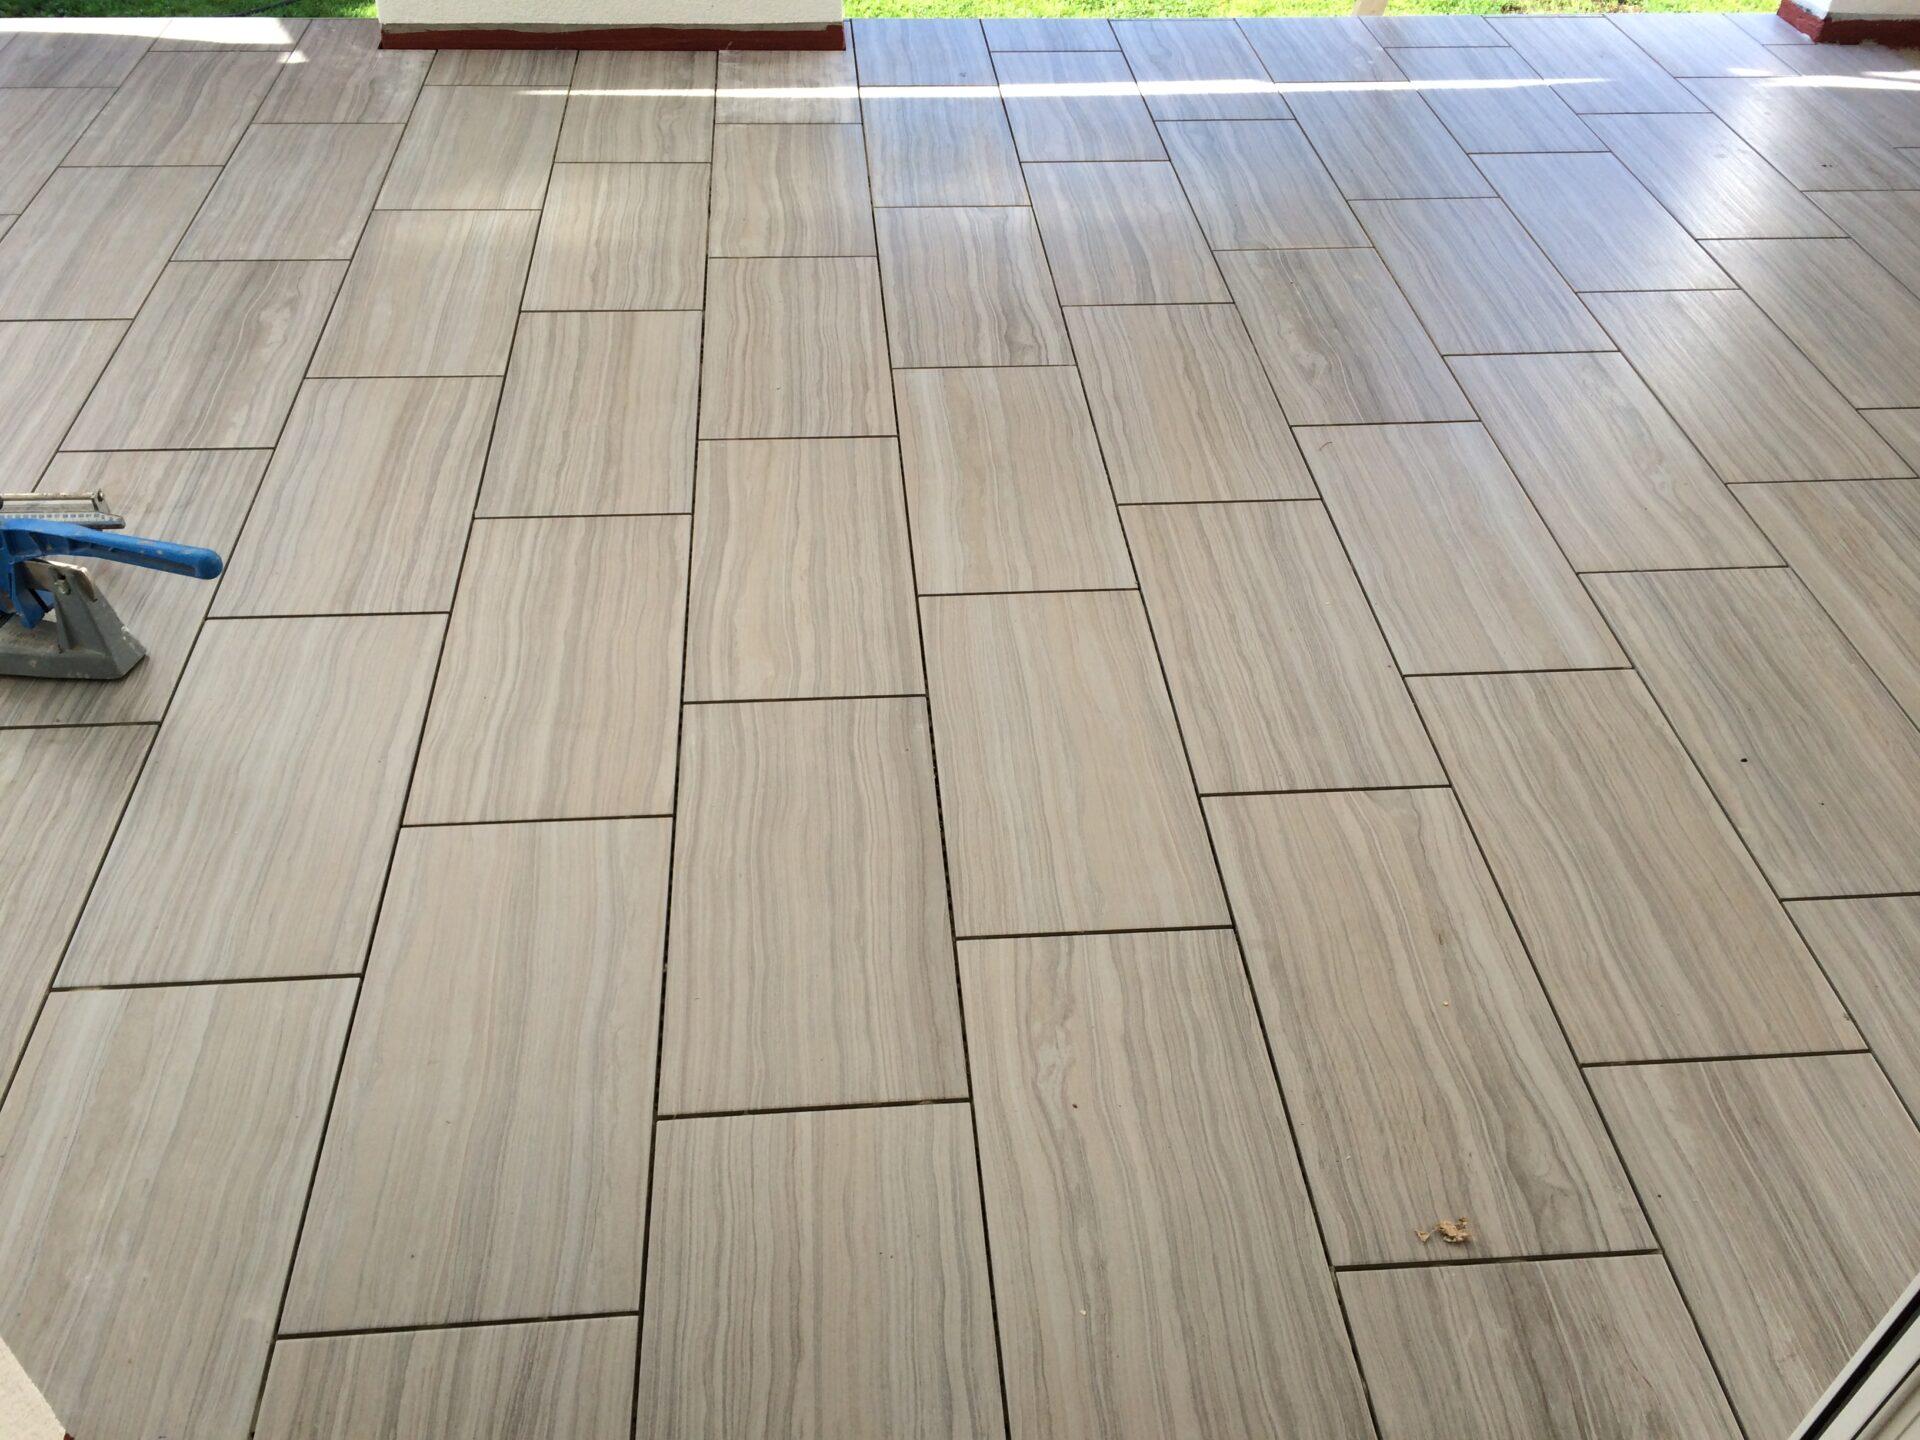 Polaganje talnih ploščic na teraso v temno rjavi barvi fug